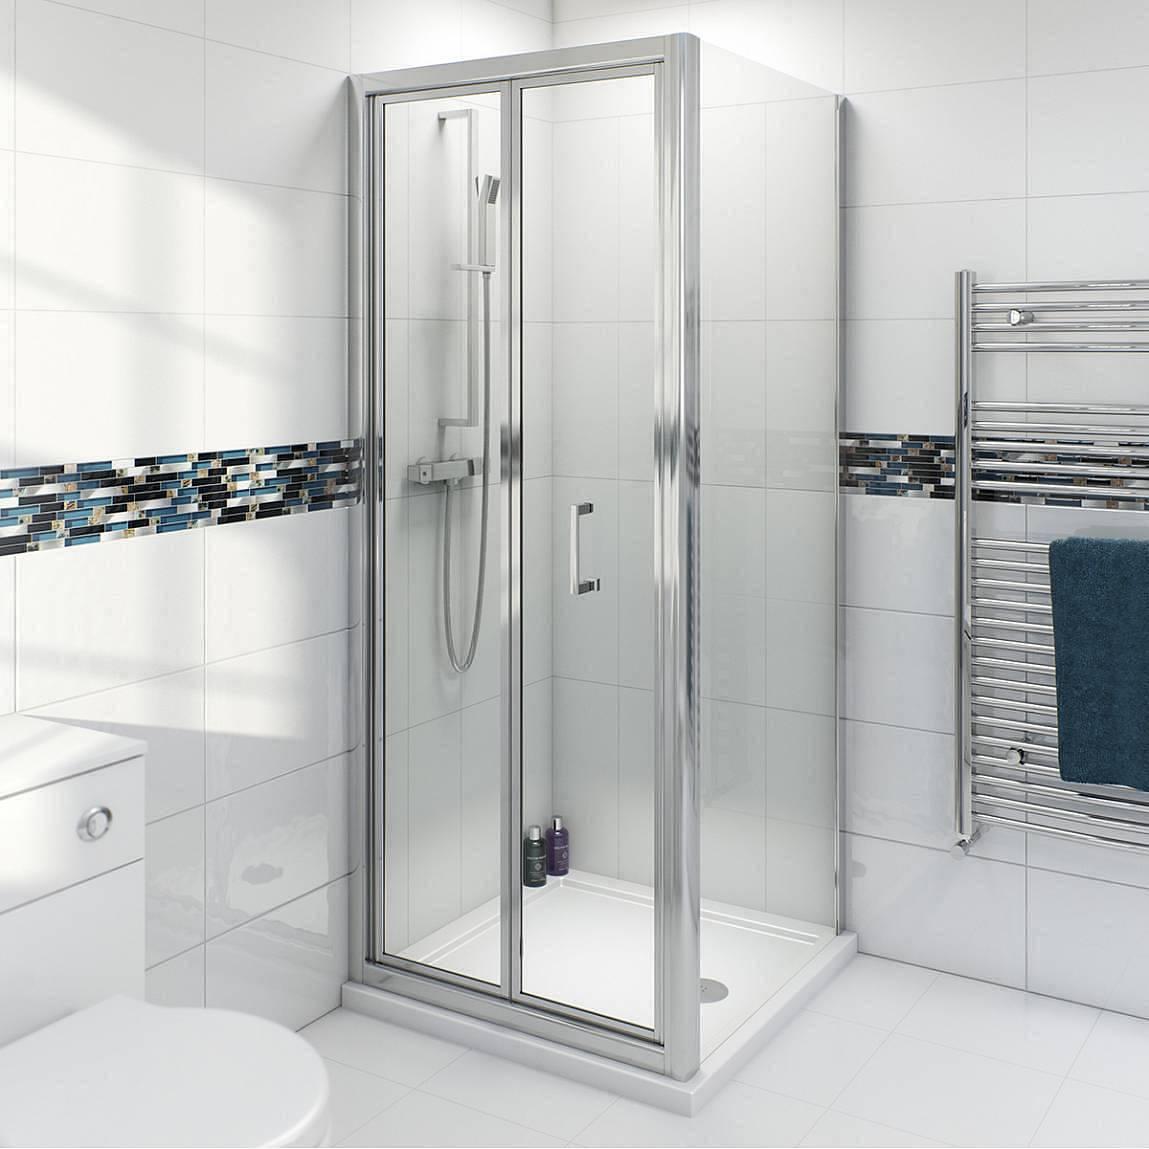 Image of V6 Bifold Enclosure 700 x 1000